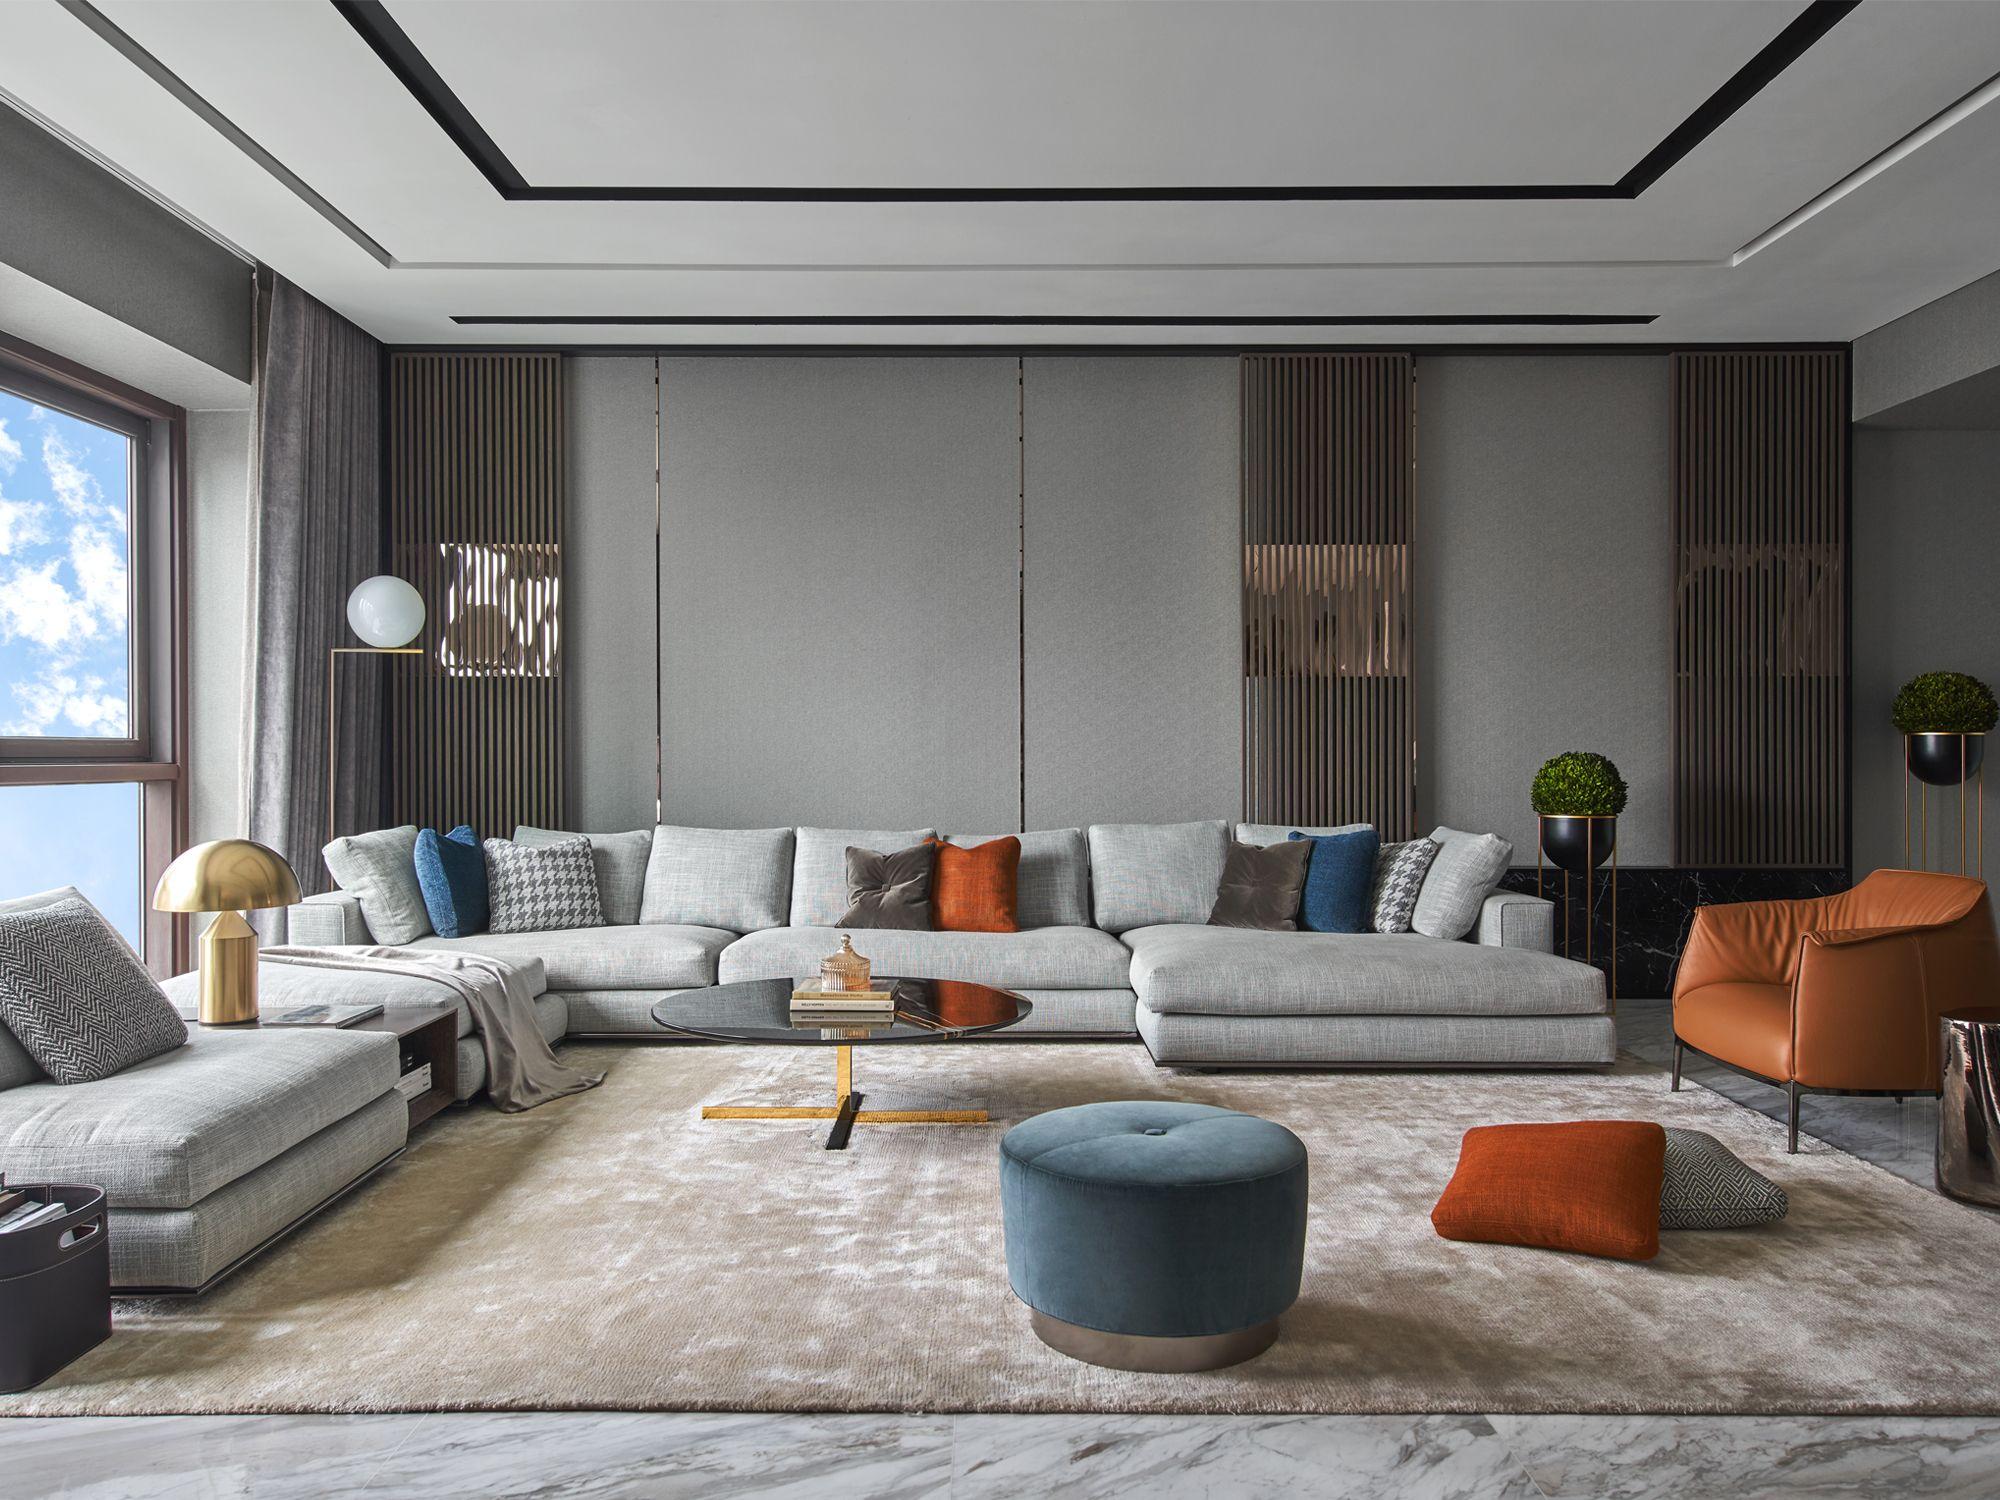 The Minotti Hamilton sofa by Rodolfo Dordoni anchors the living room